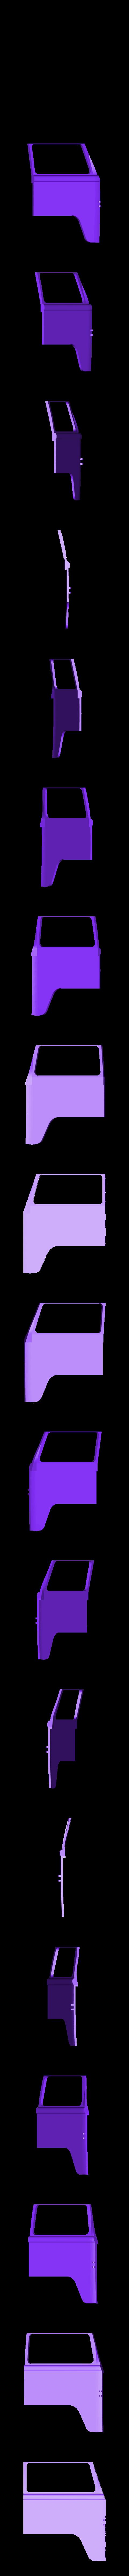 Right_door.STL Télécharger fichier STL gratuit VW Kleinbus T2 • Modèle pour impression 3D, Rusichar